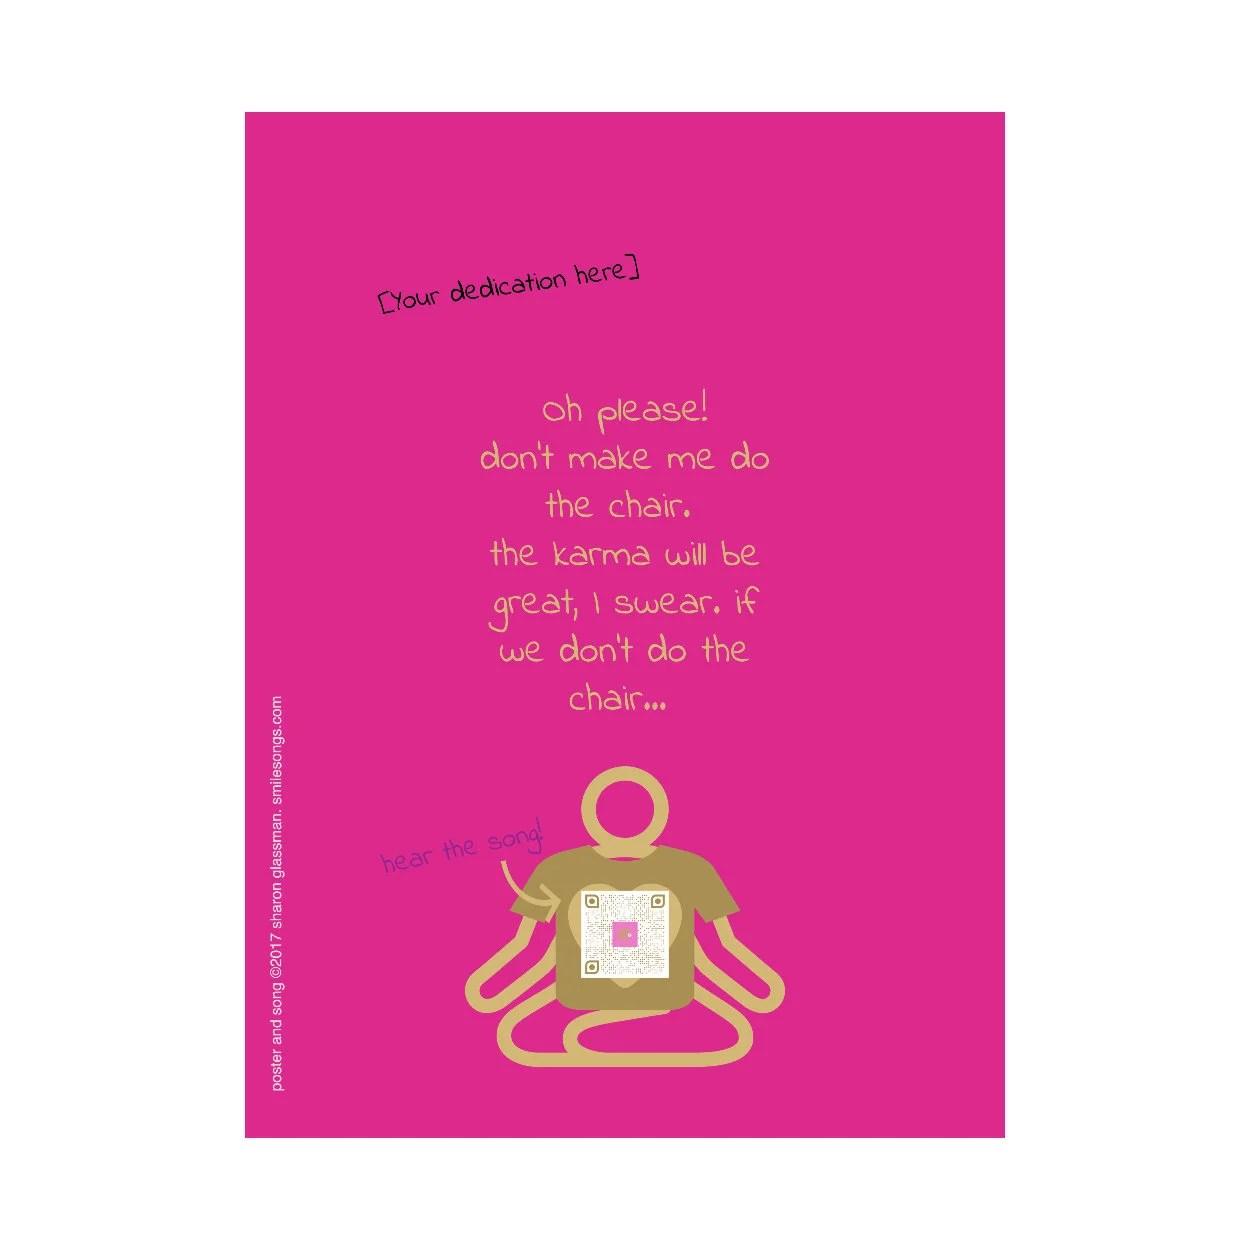 Yoga Teacher Gift Etsy